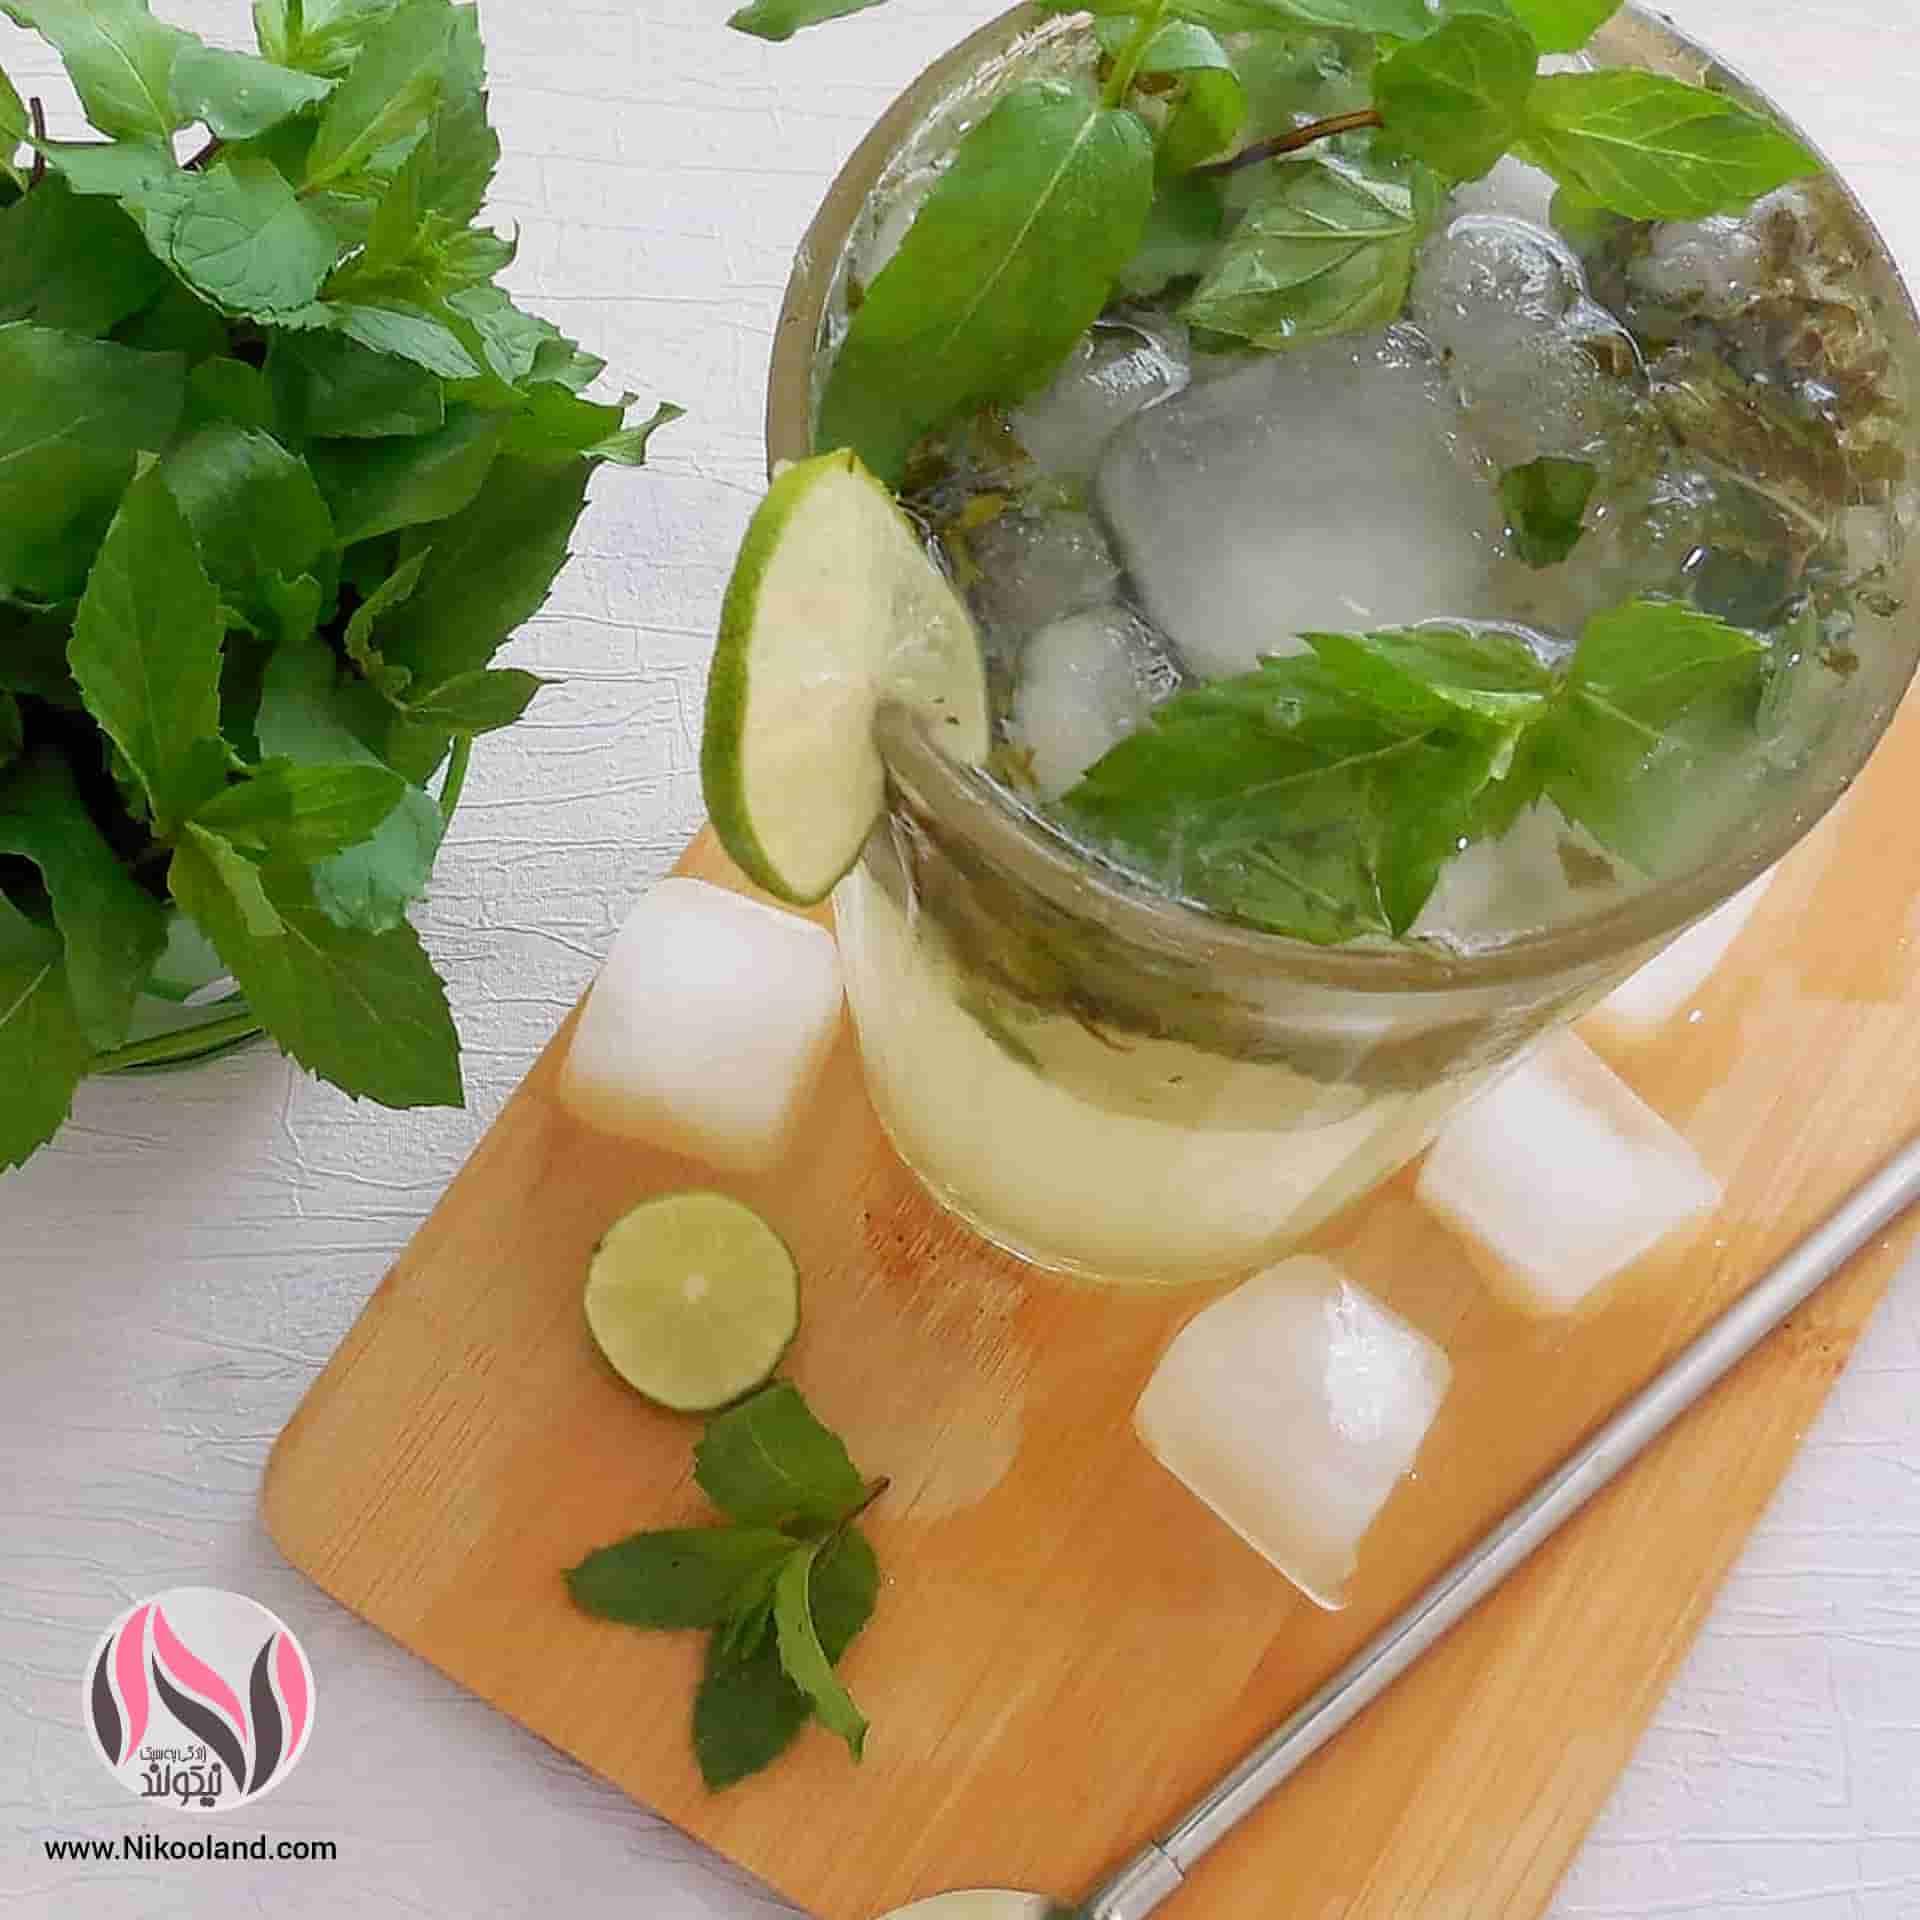 طرز تهیه نوشیدنی خنک تابستانی موهیتو